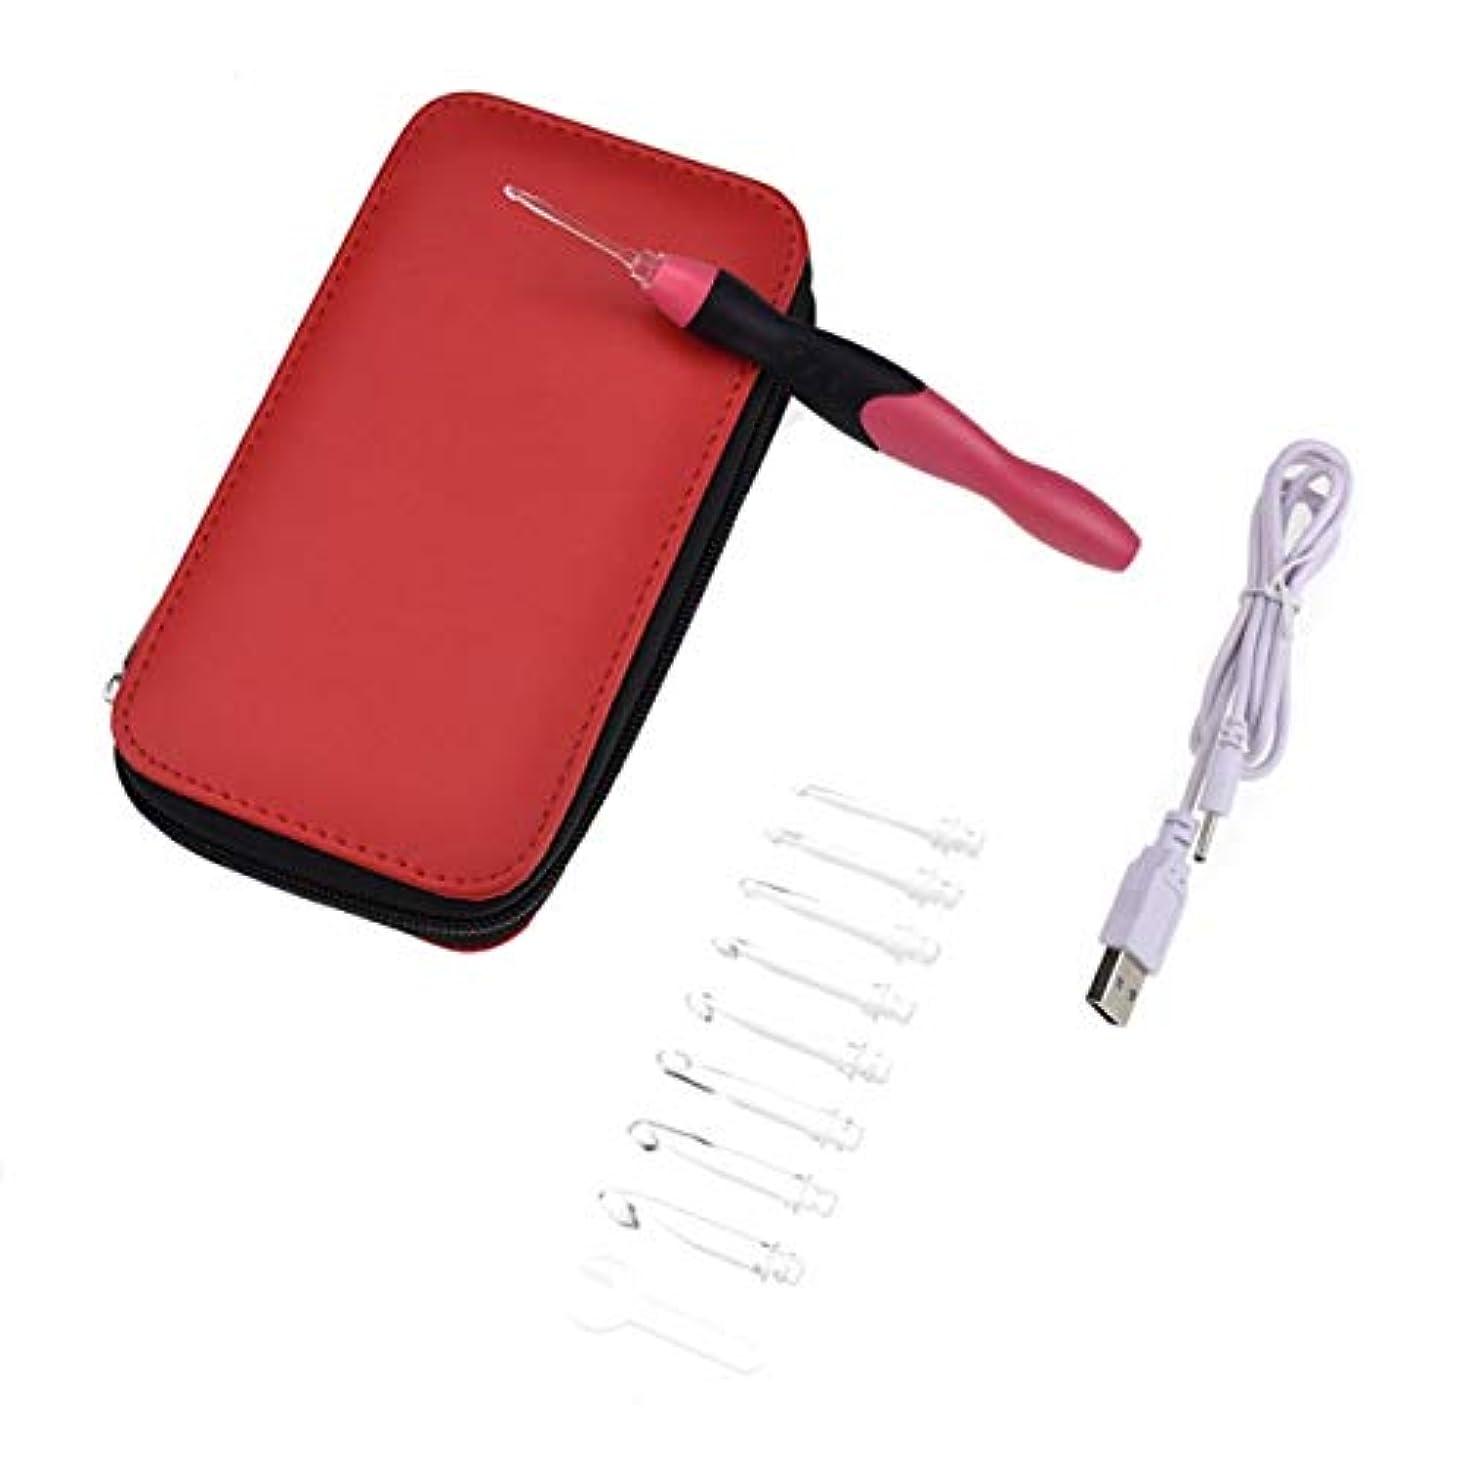 ボア運動するファンブルSaikogoods USB充電式 ライトアップかぎ針編みのフックセット 収納袋付き9つの交換可能チップ LEDニッティング ソーイングクラフトツール 赤 黒